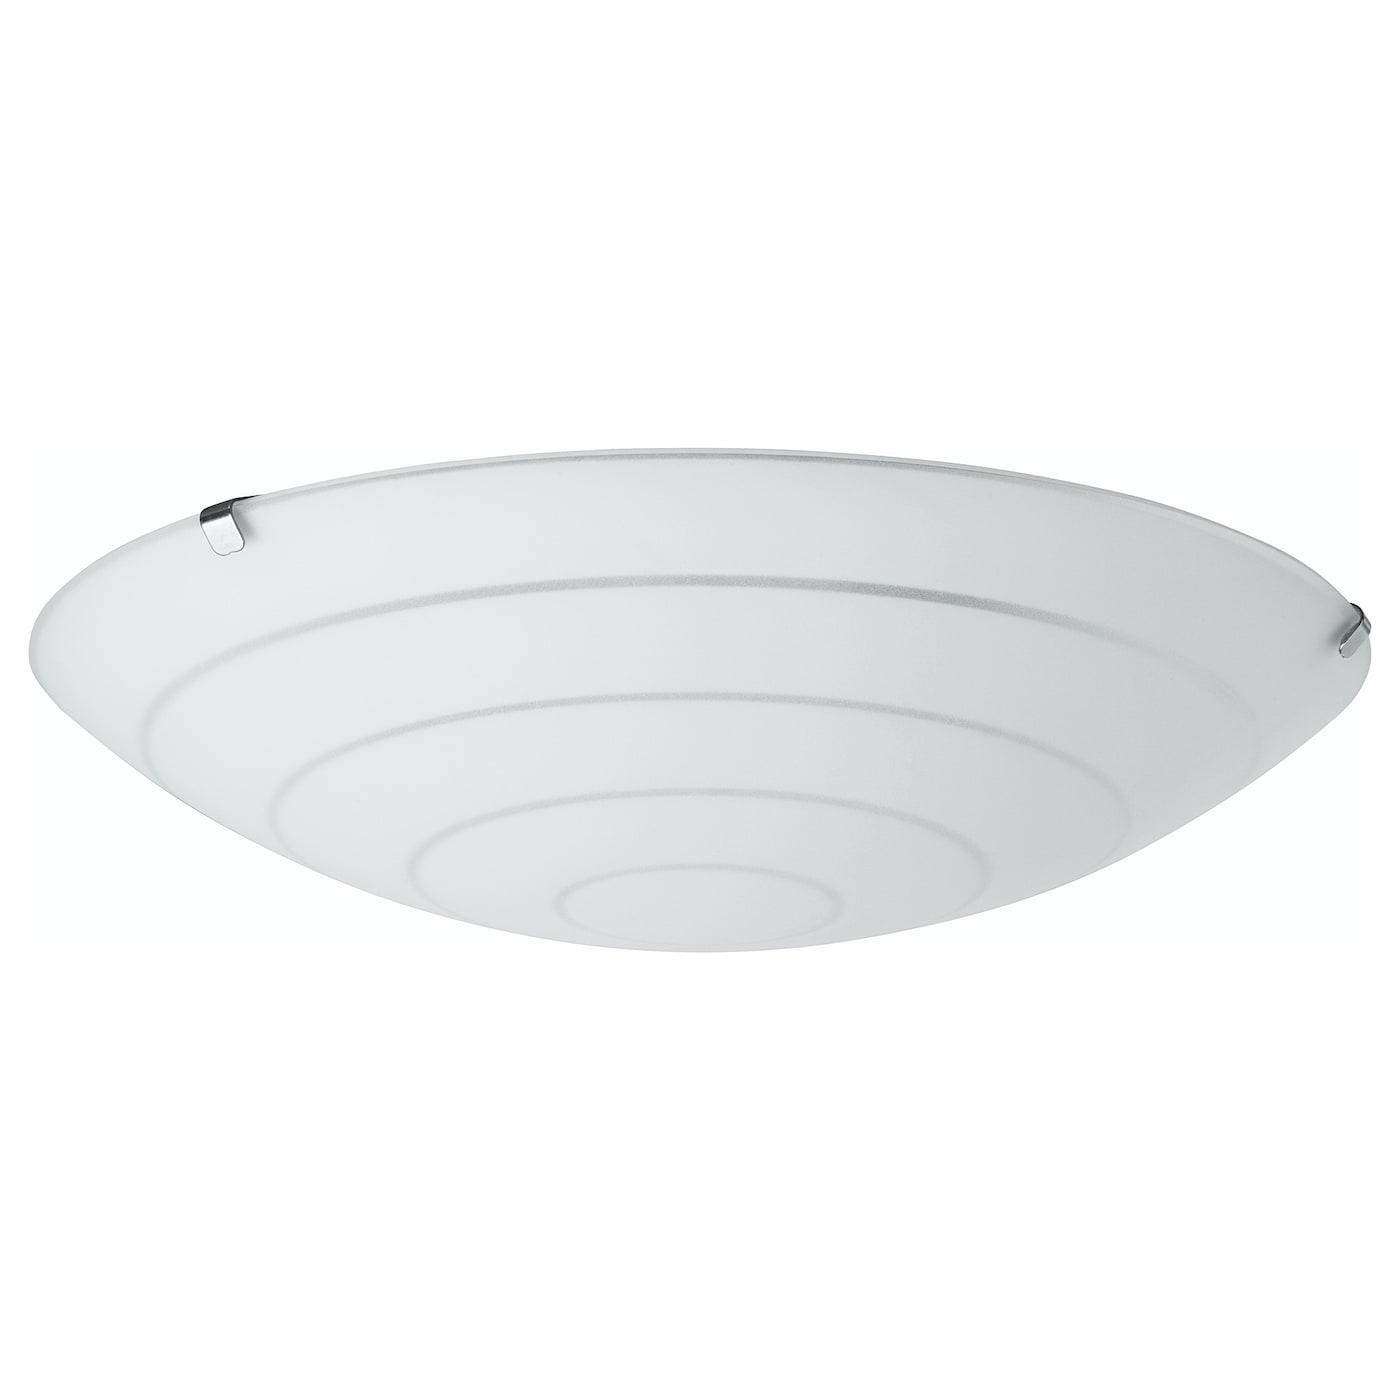 Lámparas de techo   Iluminación   Compra Online IKEA - photo#42